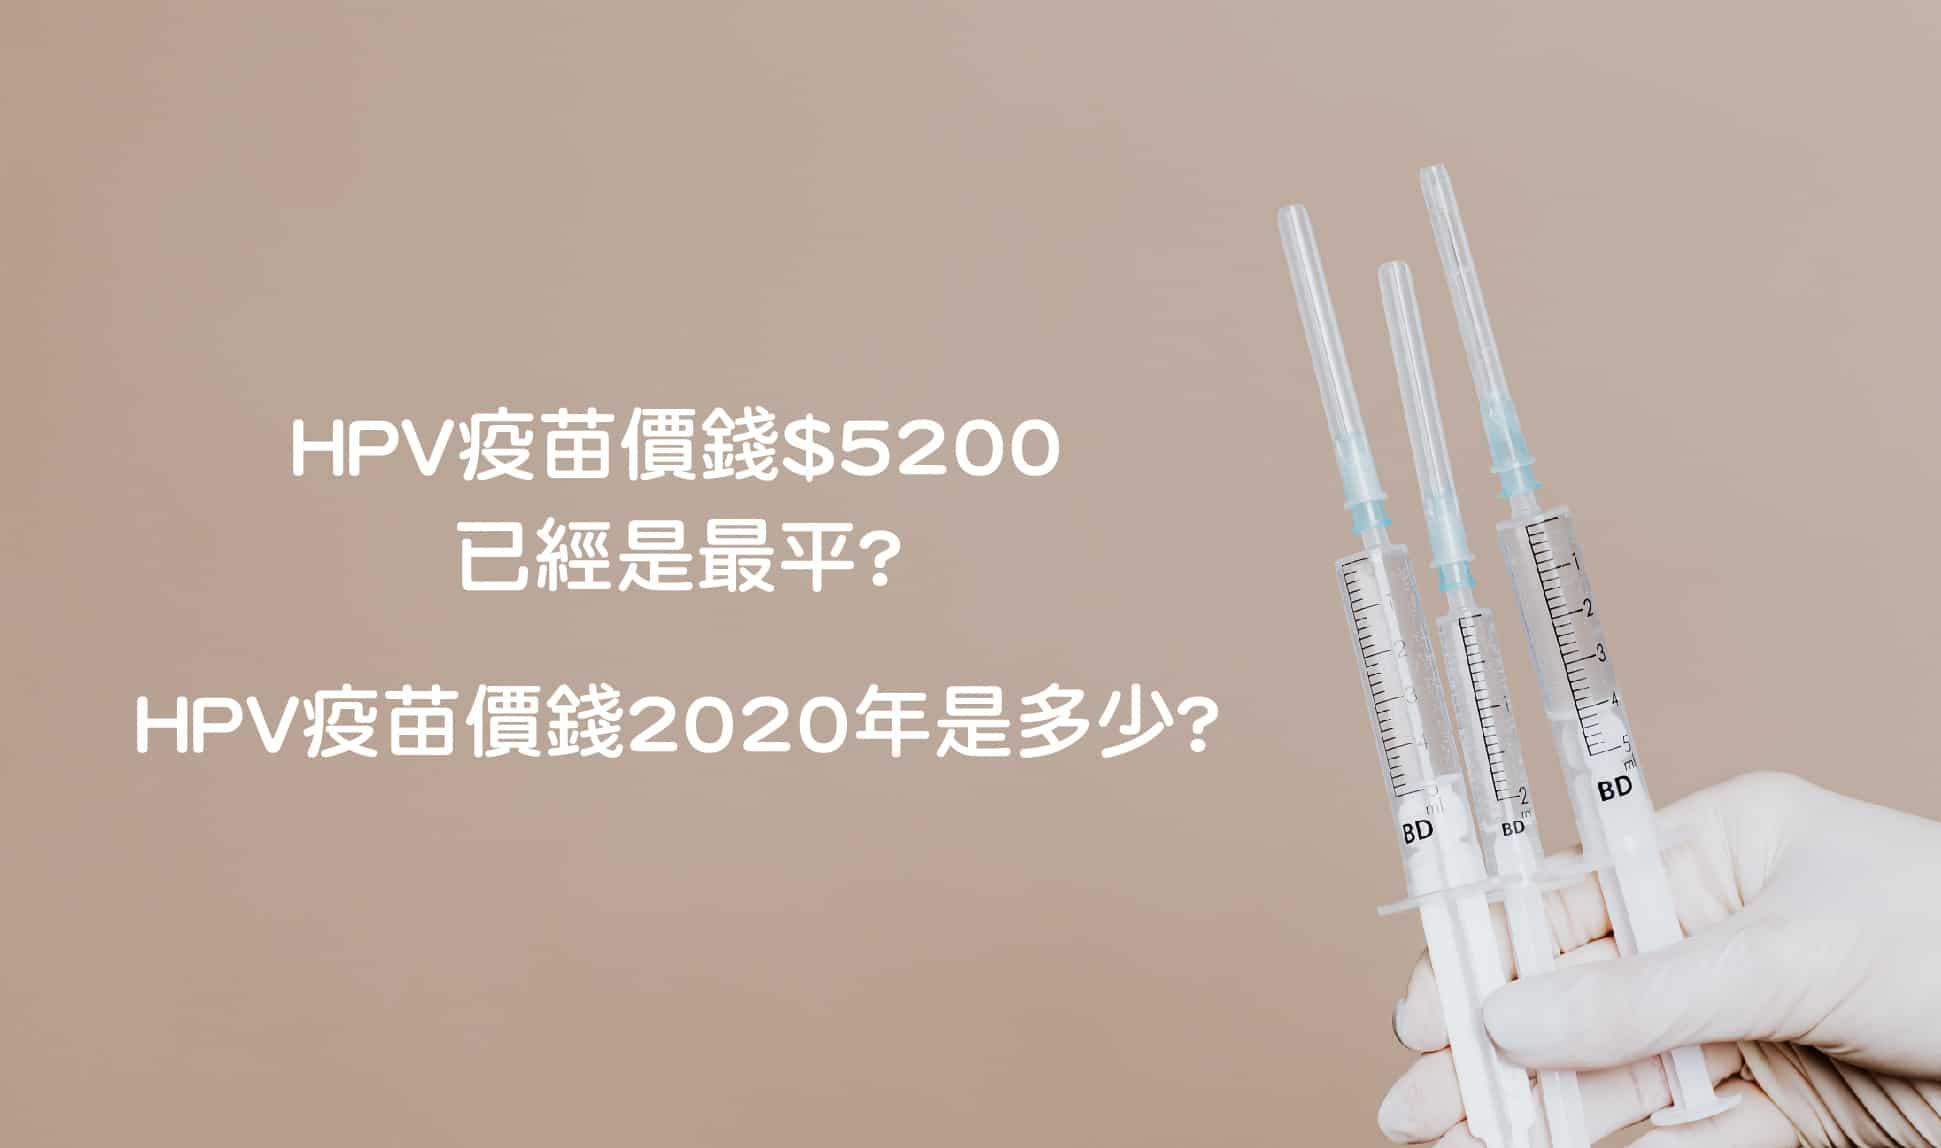 HPV疫苗價錢00已經是最平?HPV疫苗價錢2020年是多少?